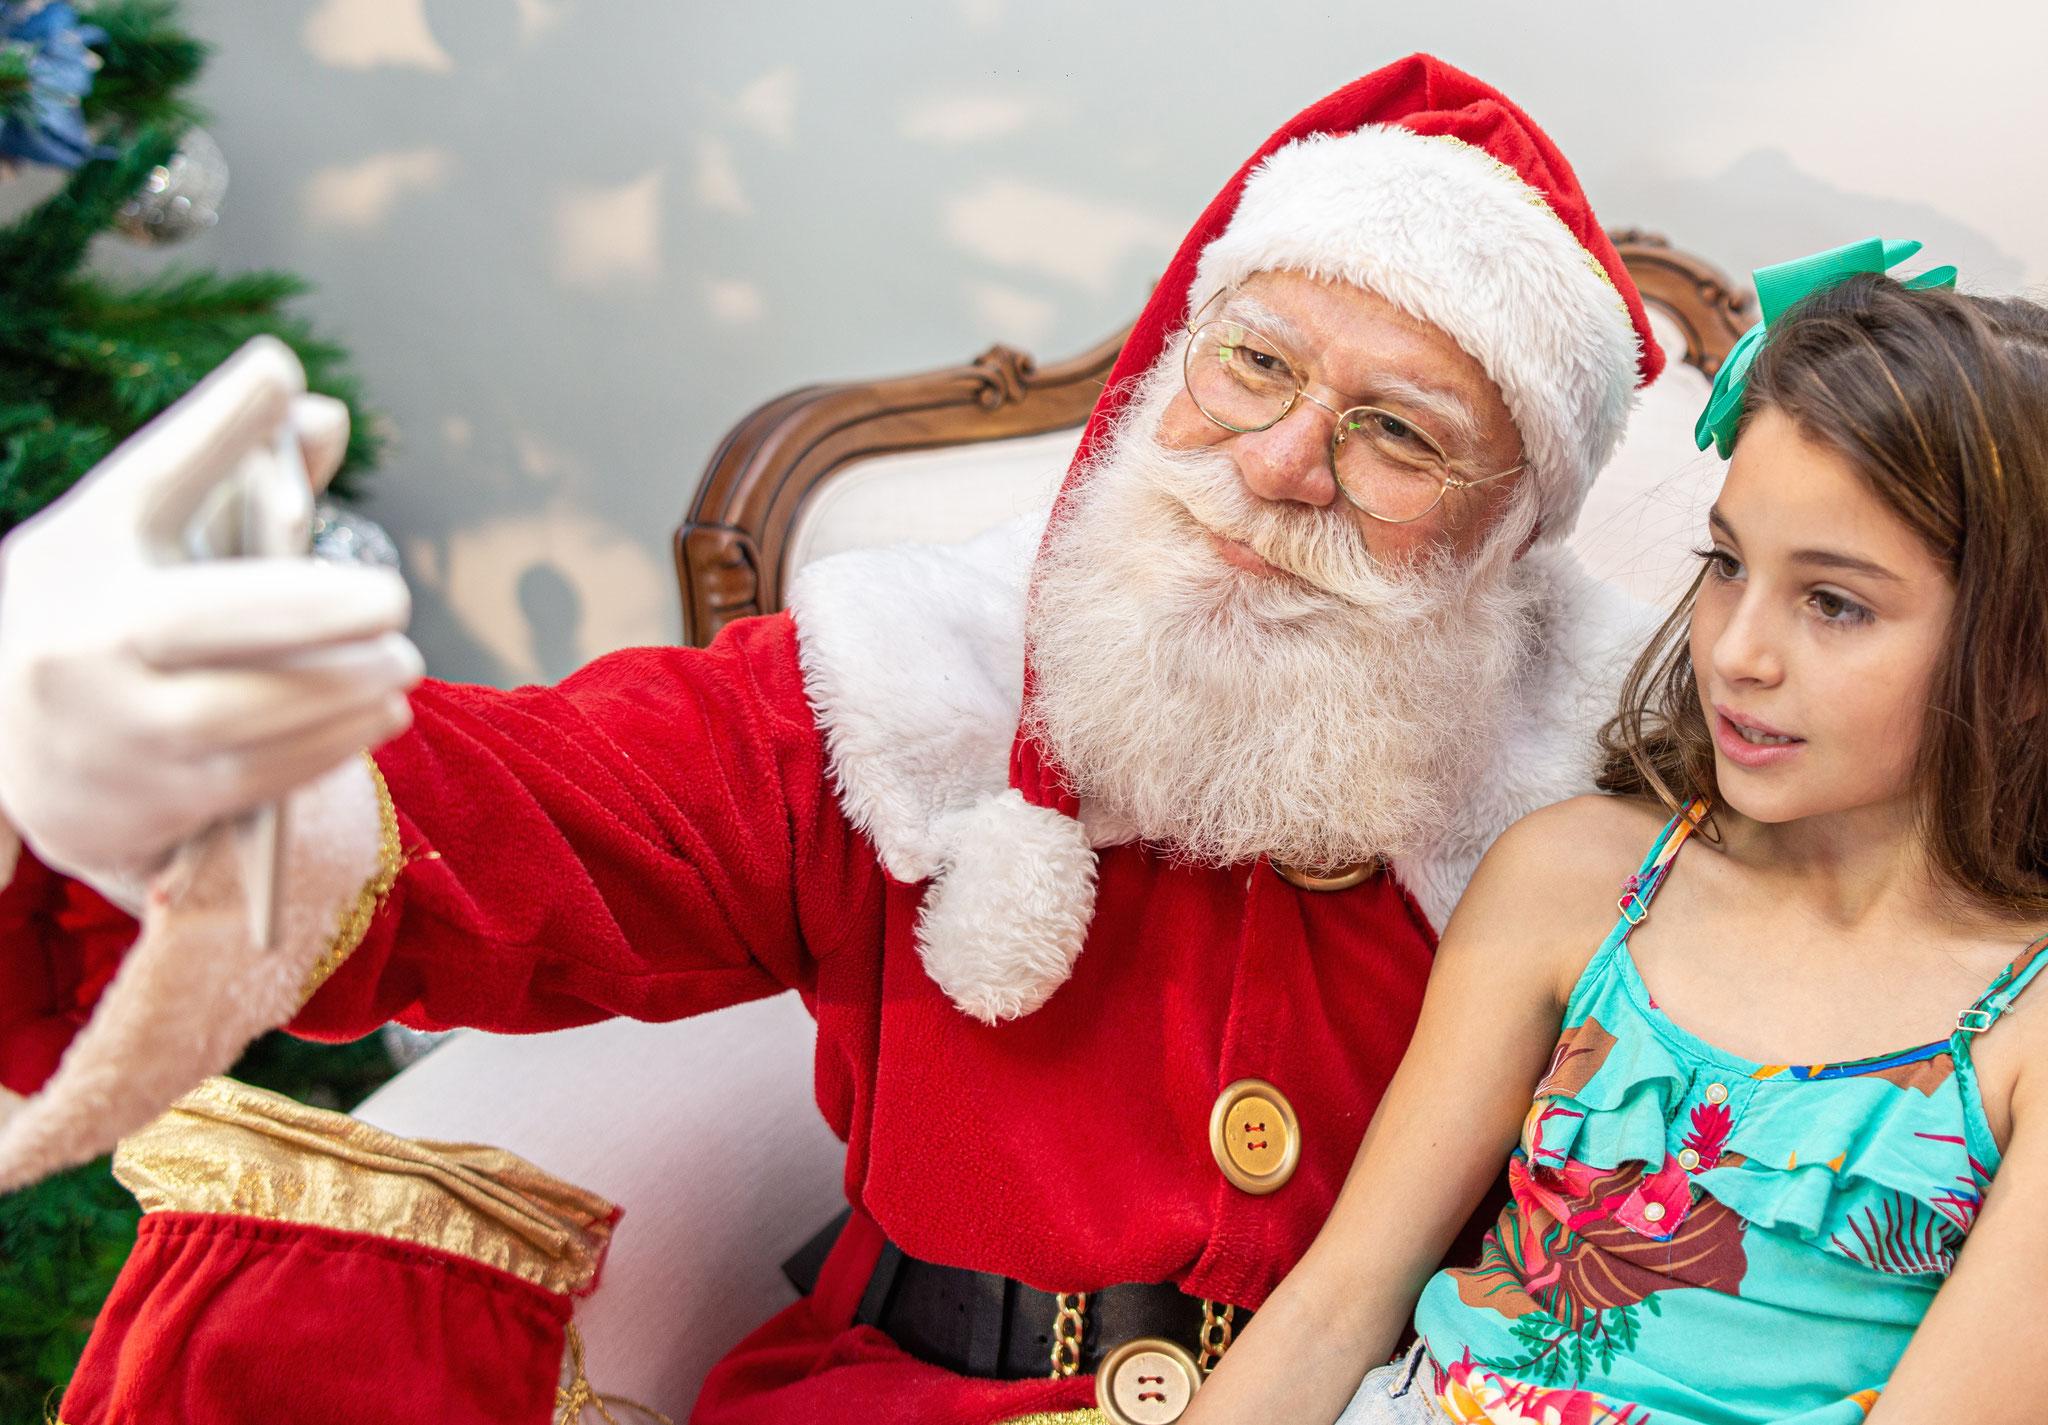 Sa, 30. November, 14 bis 18 Uhr: Weihnachtsmarkt entlang der Hellersdorfer Promenade. U. a. Fotos mit dem Weihnachtsmann | © Brastock, Adobe Stock